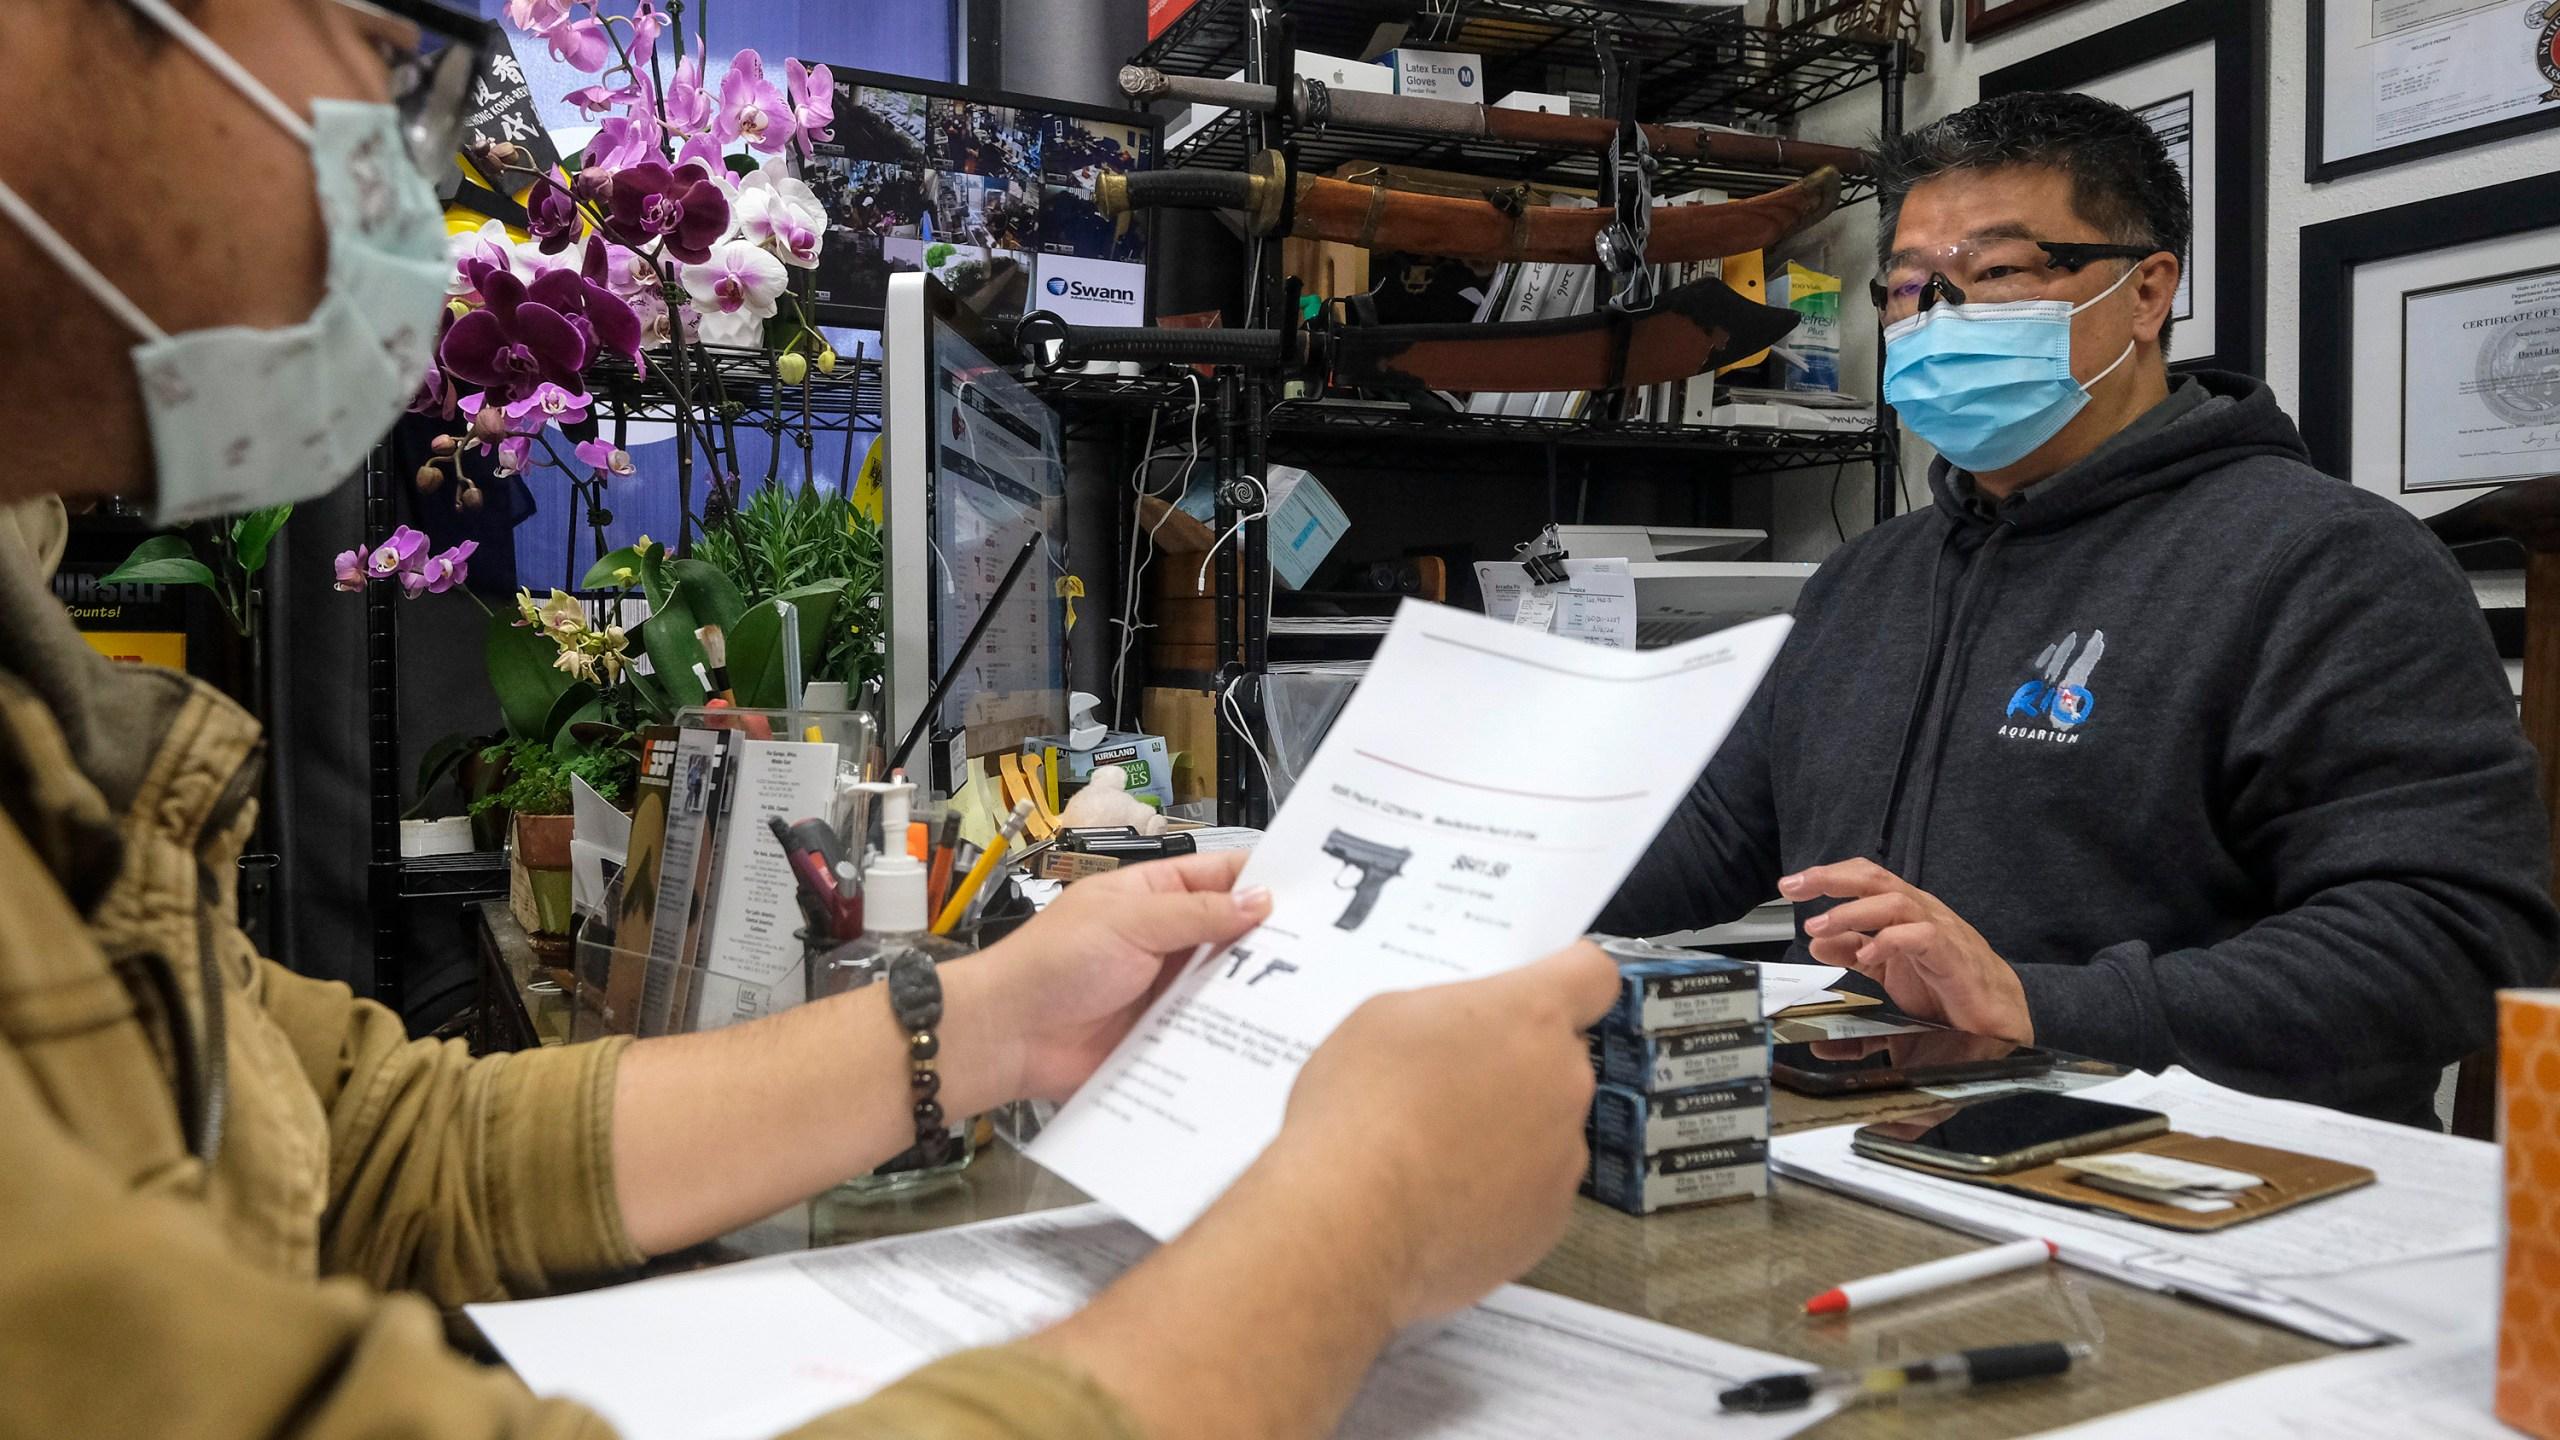 Ohio shutting down all restaurants and bars due to coronavirus | WANE